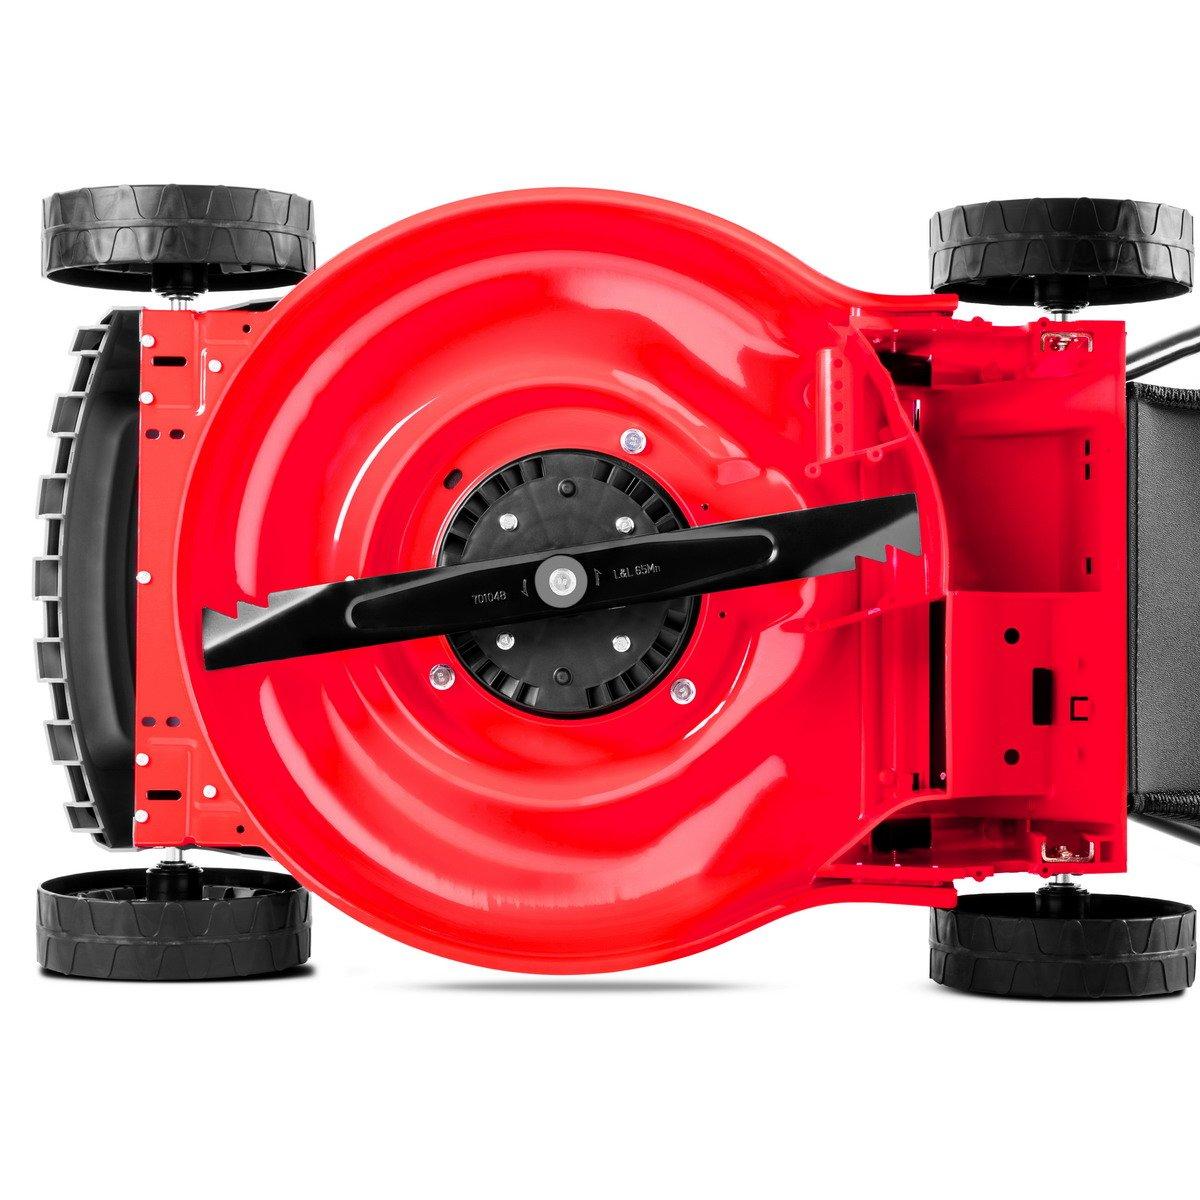 Greencut CCB40180 Cortacésped, 800 W, 40 V, Rojo: Amazon.es ...